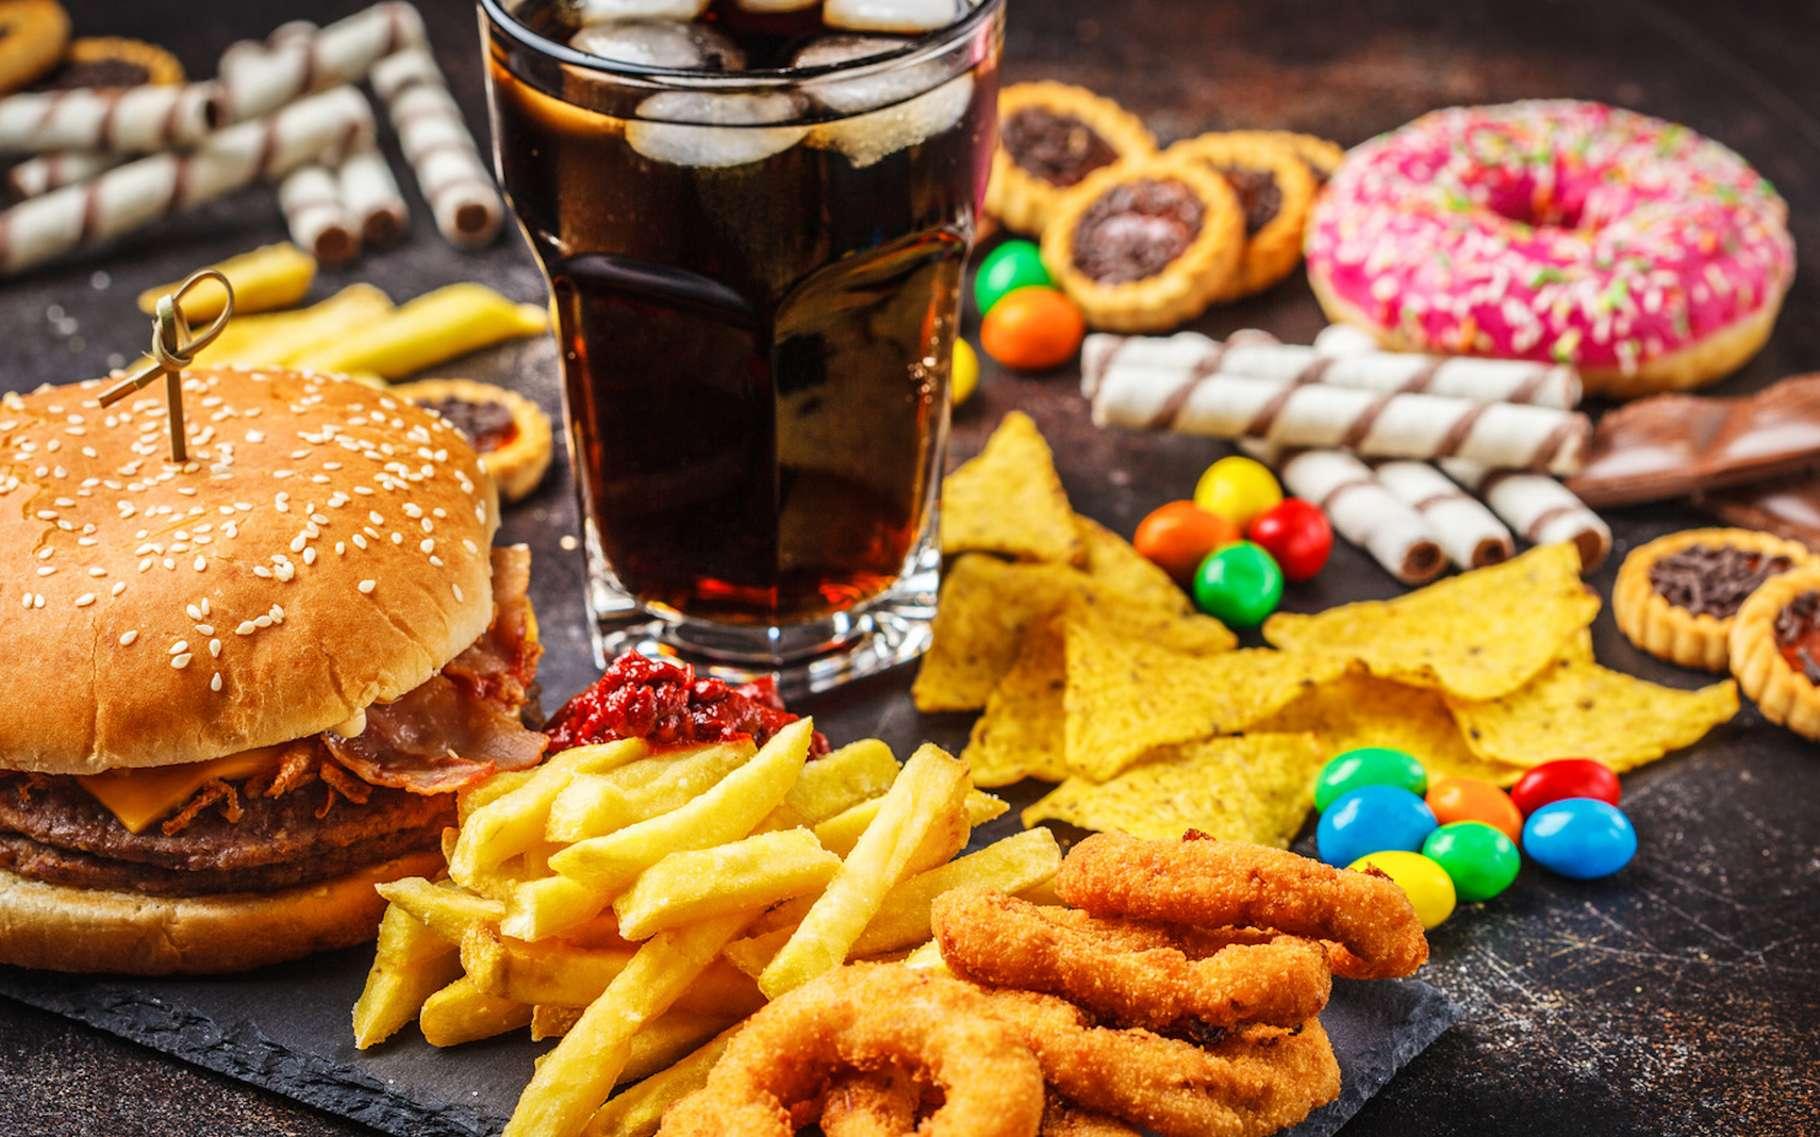 Selon une nouvelle étude, notre cerveau serait affecté par la malbouffe en seulement trois jours d'un régime trop riche en graisses et en glucides. © vaaseenaa, Fotolia